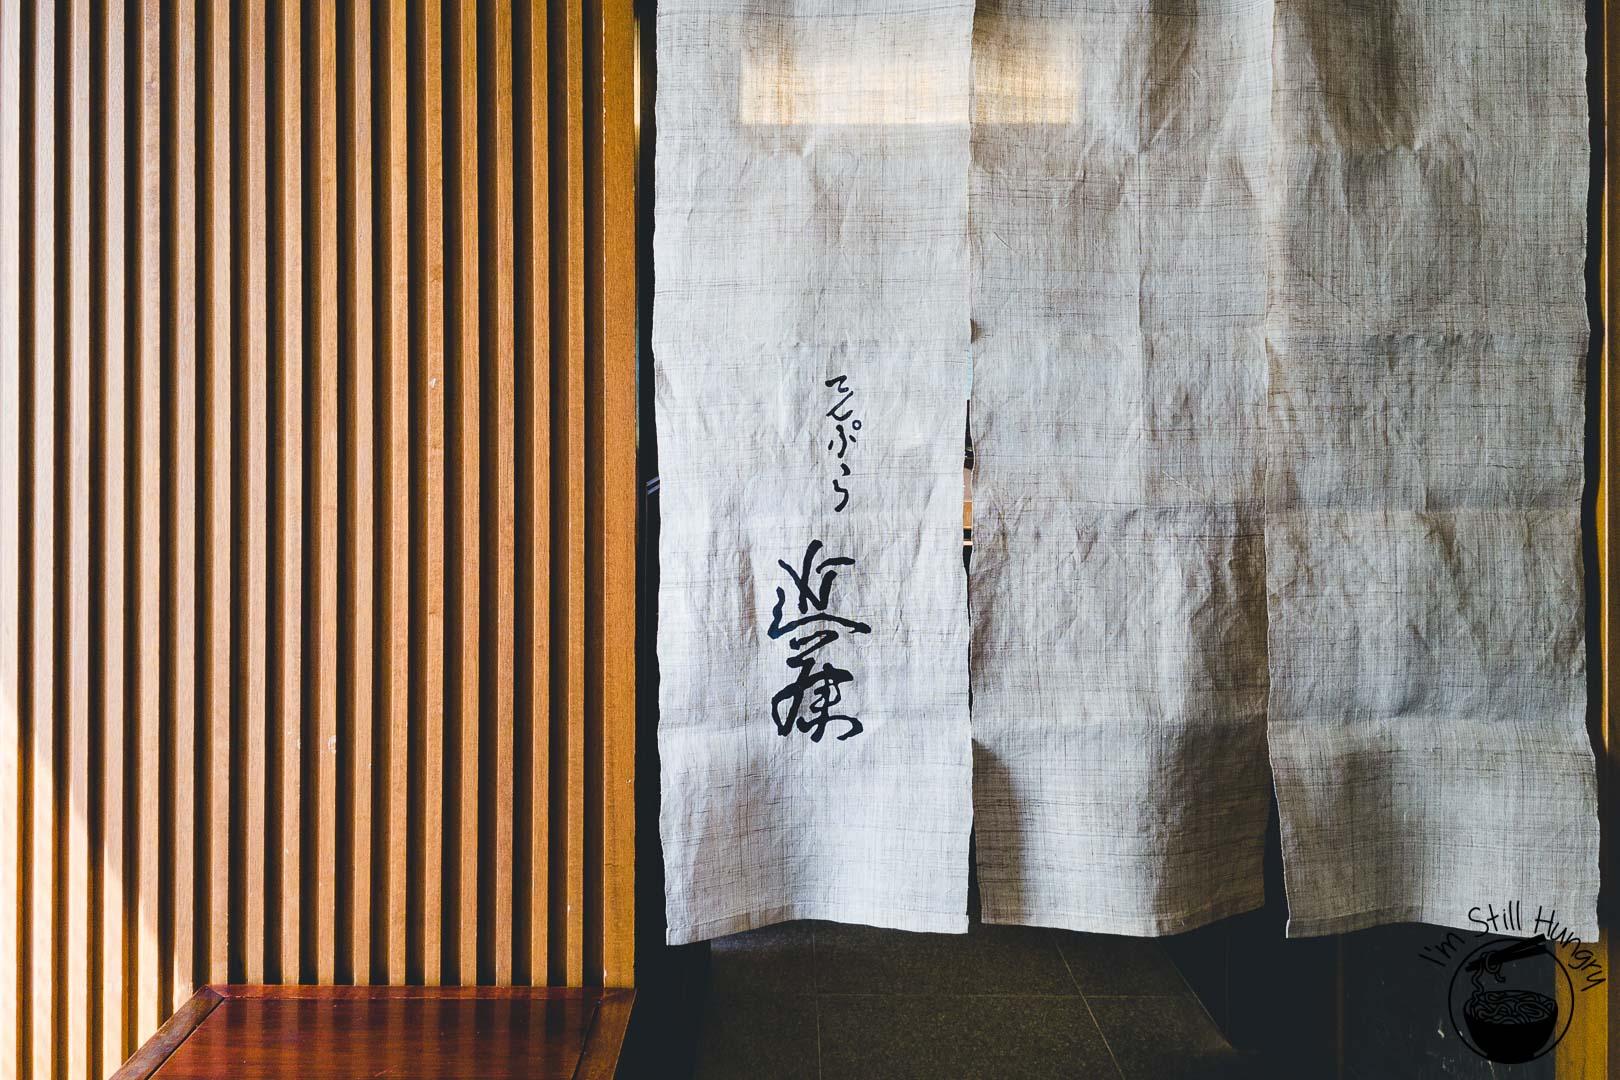 Tempura Kondo Tokyo